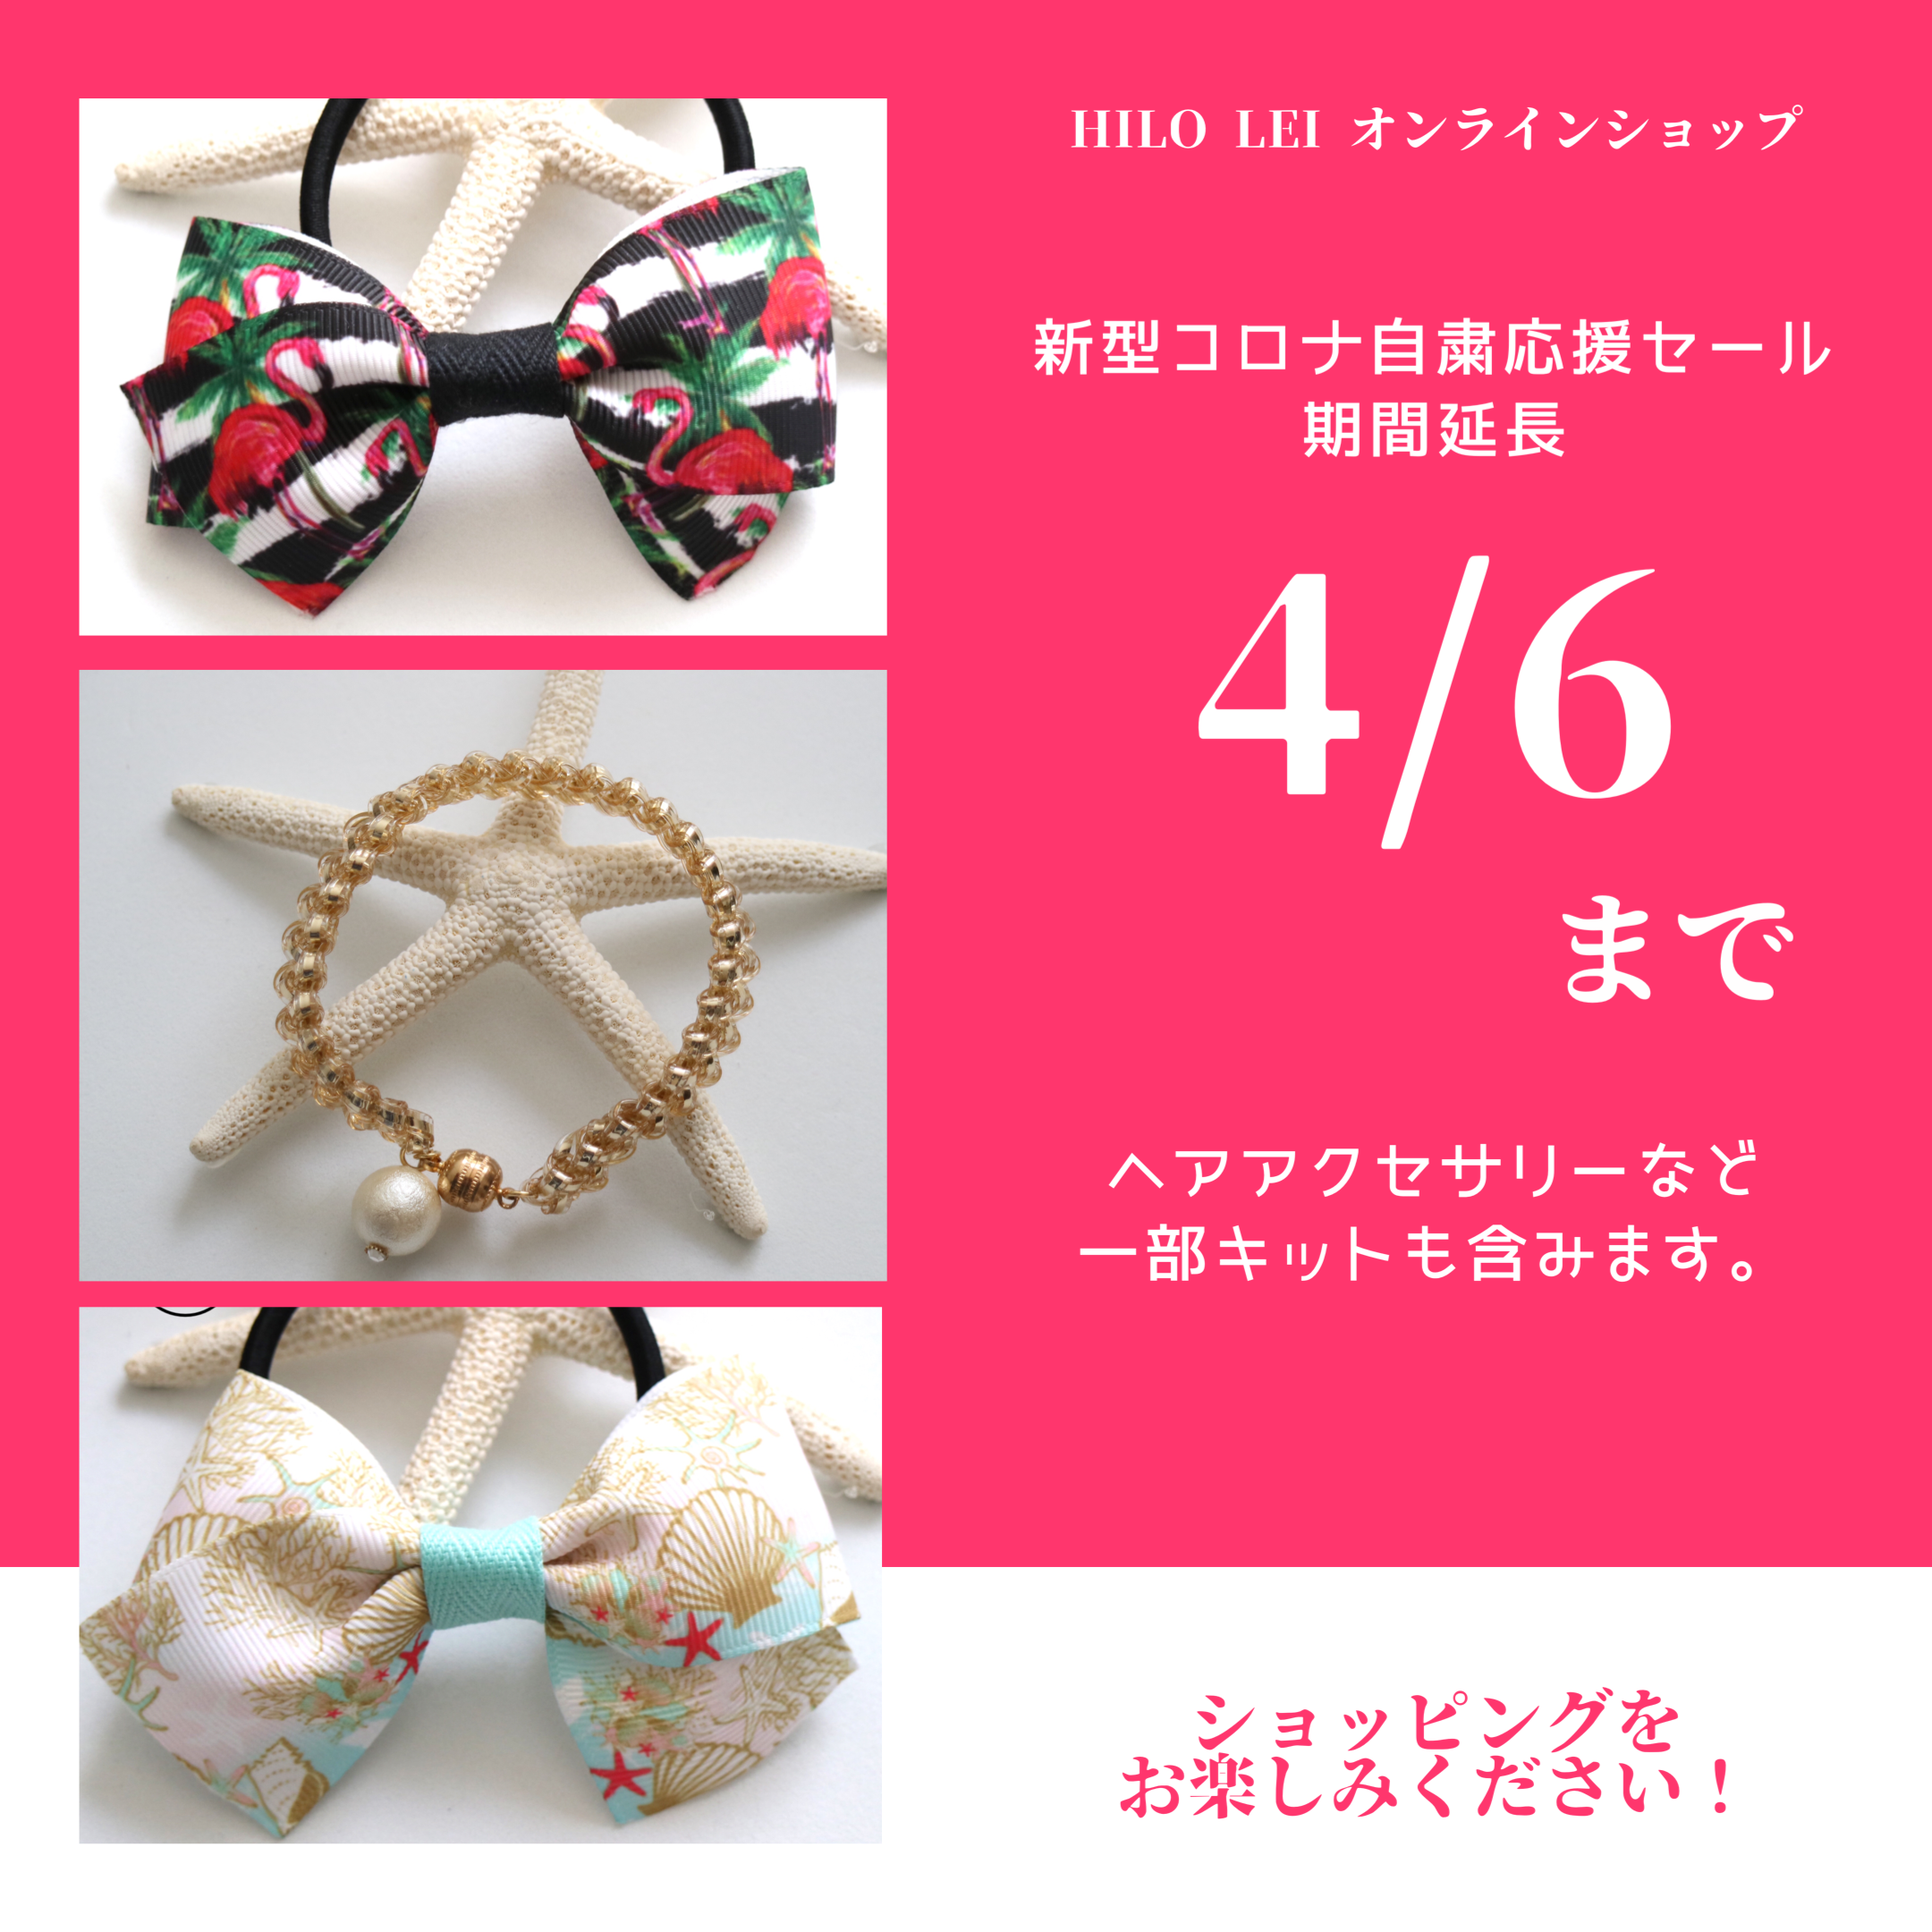 【期間延長】新型コロナ自粛応援セール